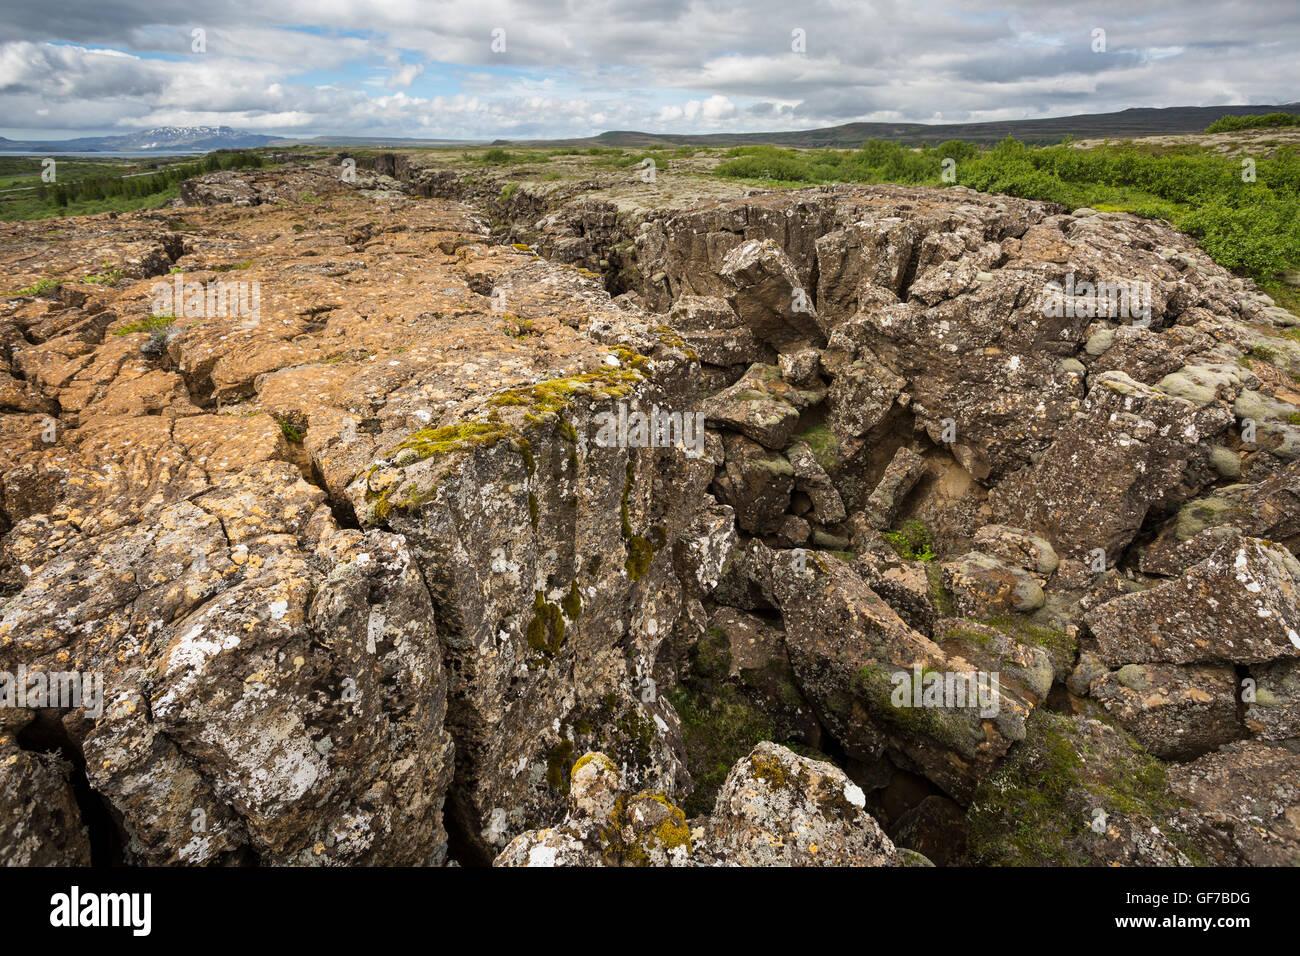 Le Parc National de Thingvellir, Islande, défaillance dans le paysage provoquée par la dérive Photo Stock